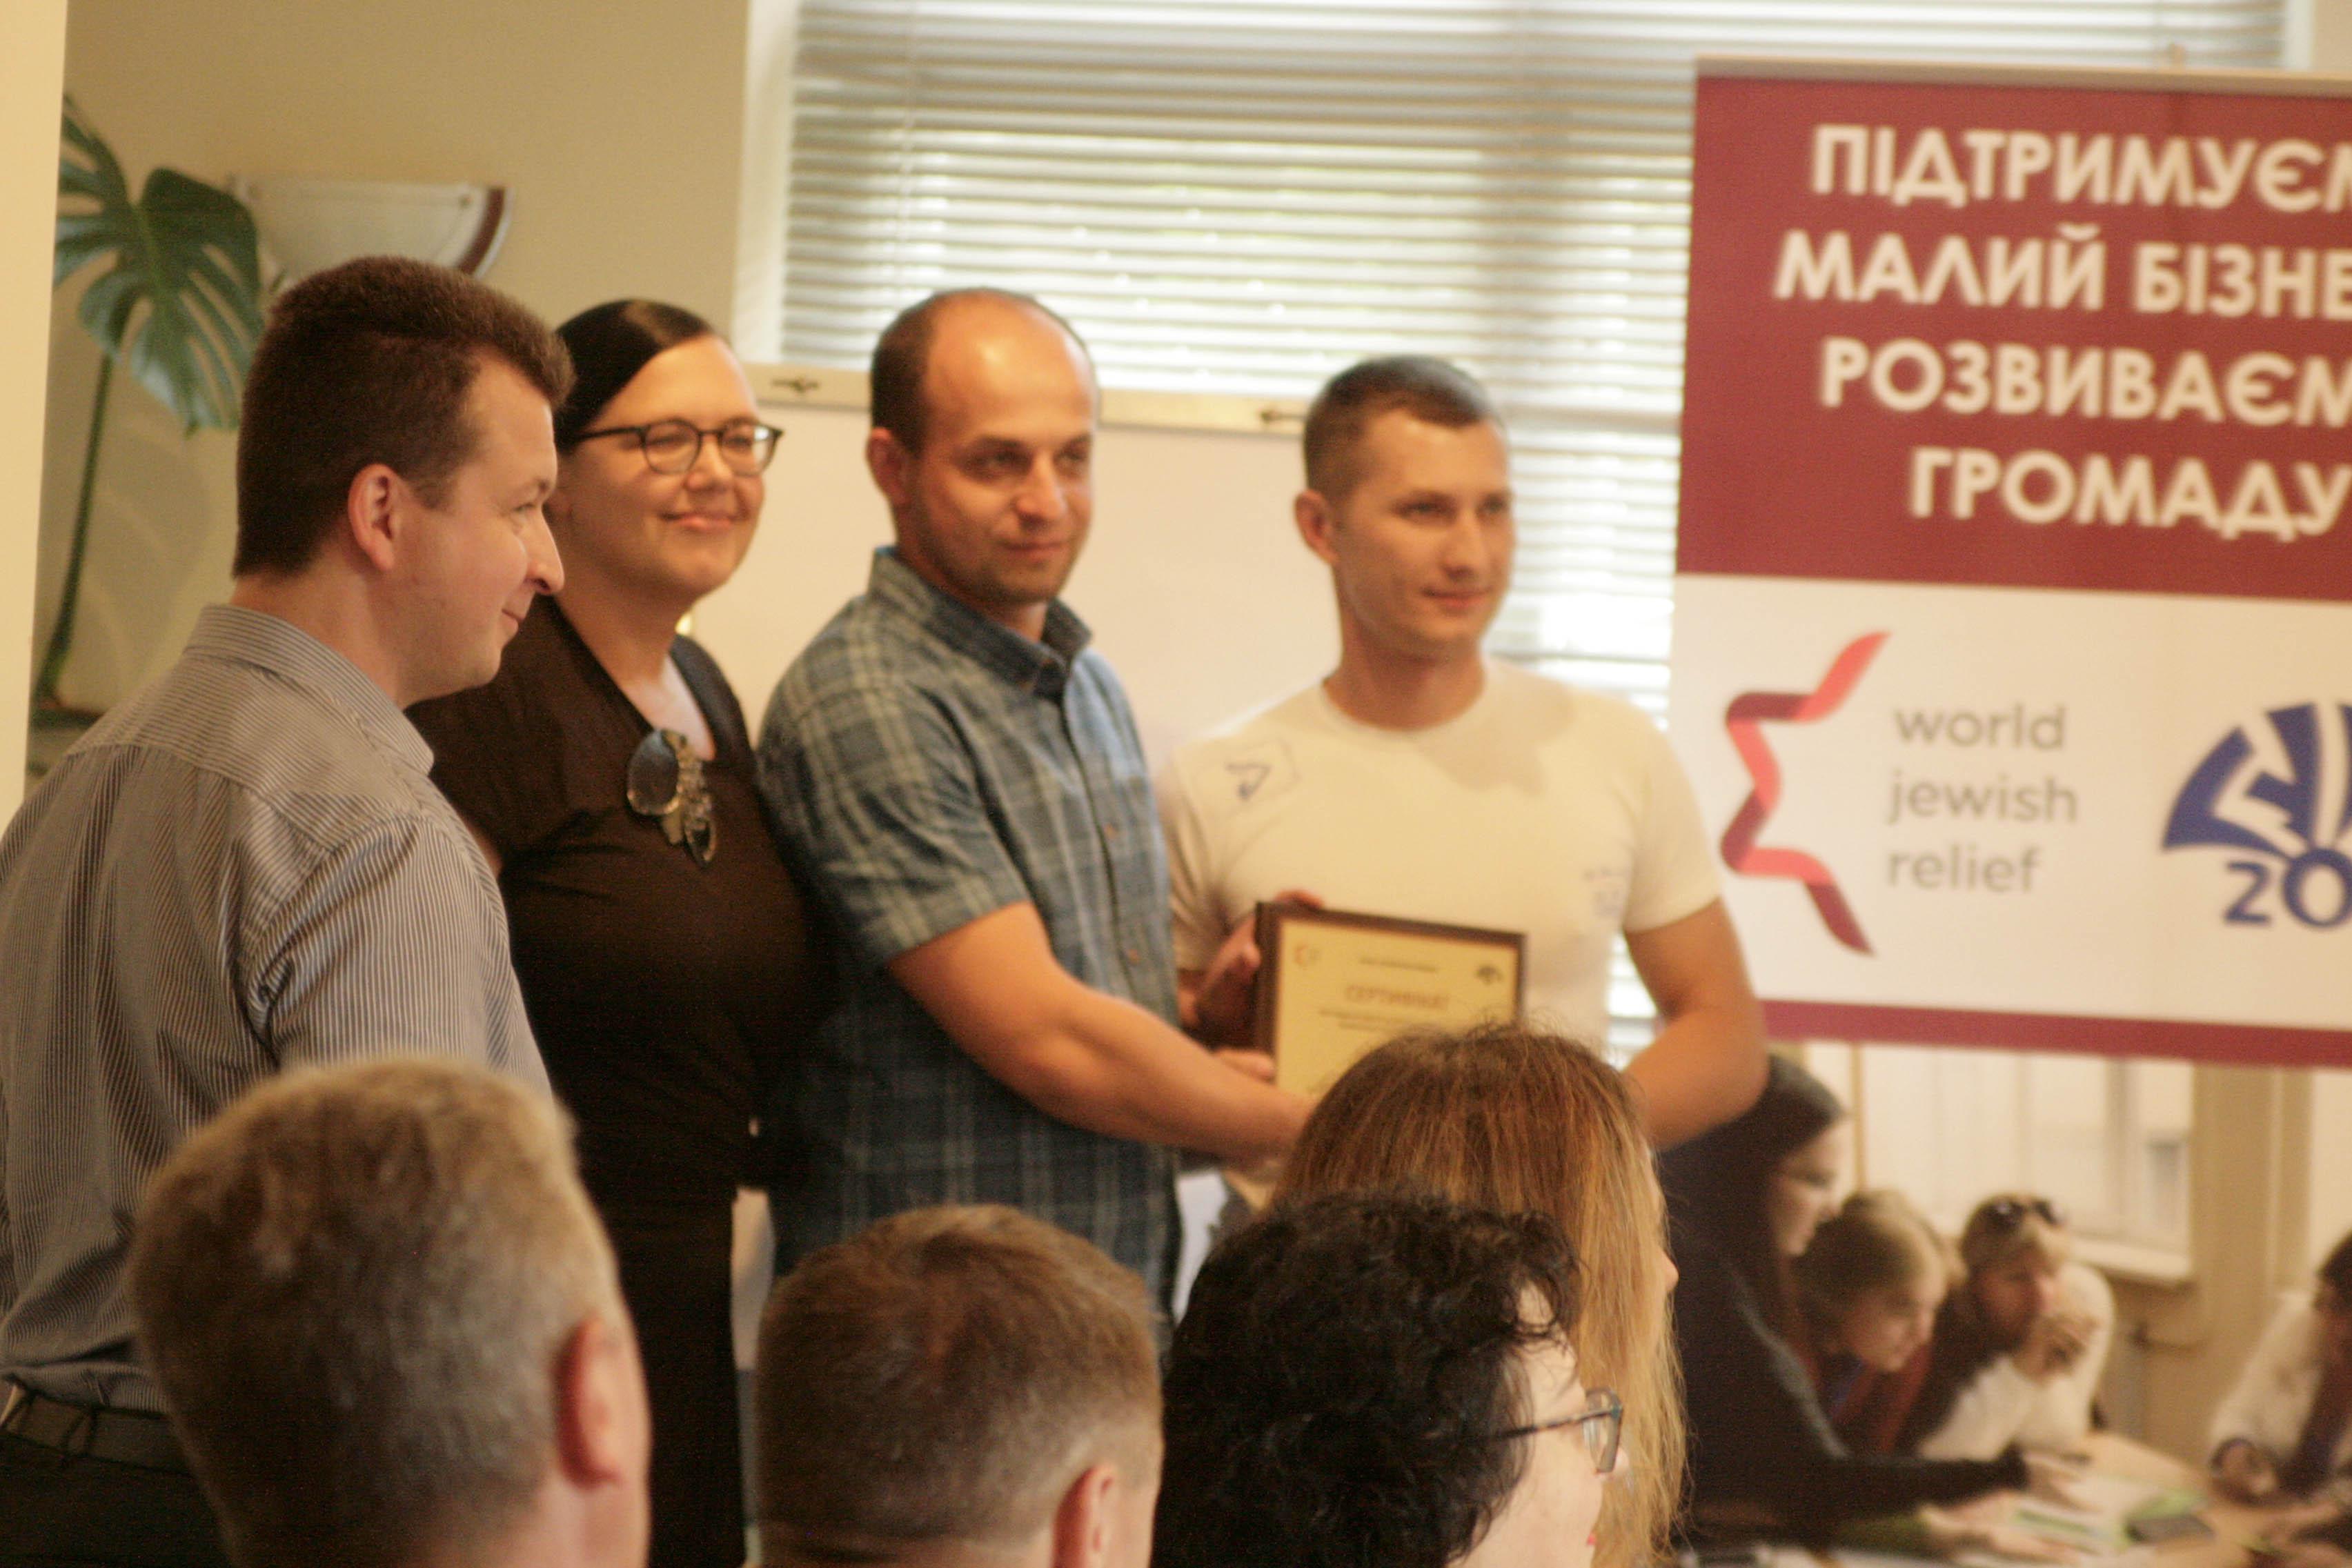 MG_3243 216 тис. грн. для розвитку малого бізнесу: в Бородянці привітали переможців конкурсу бізнес-проектів